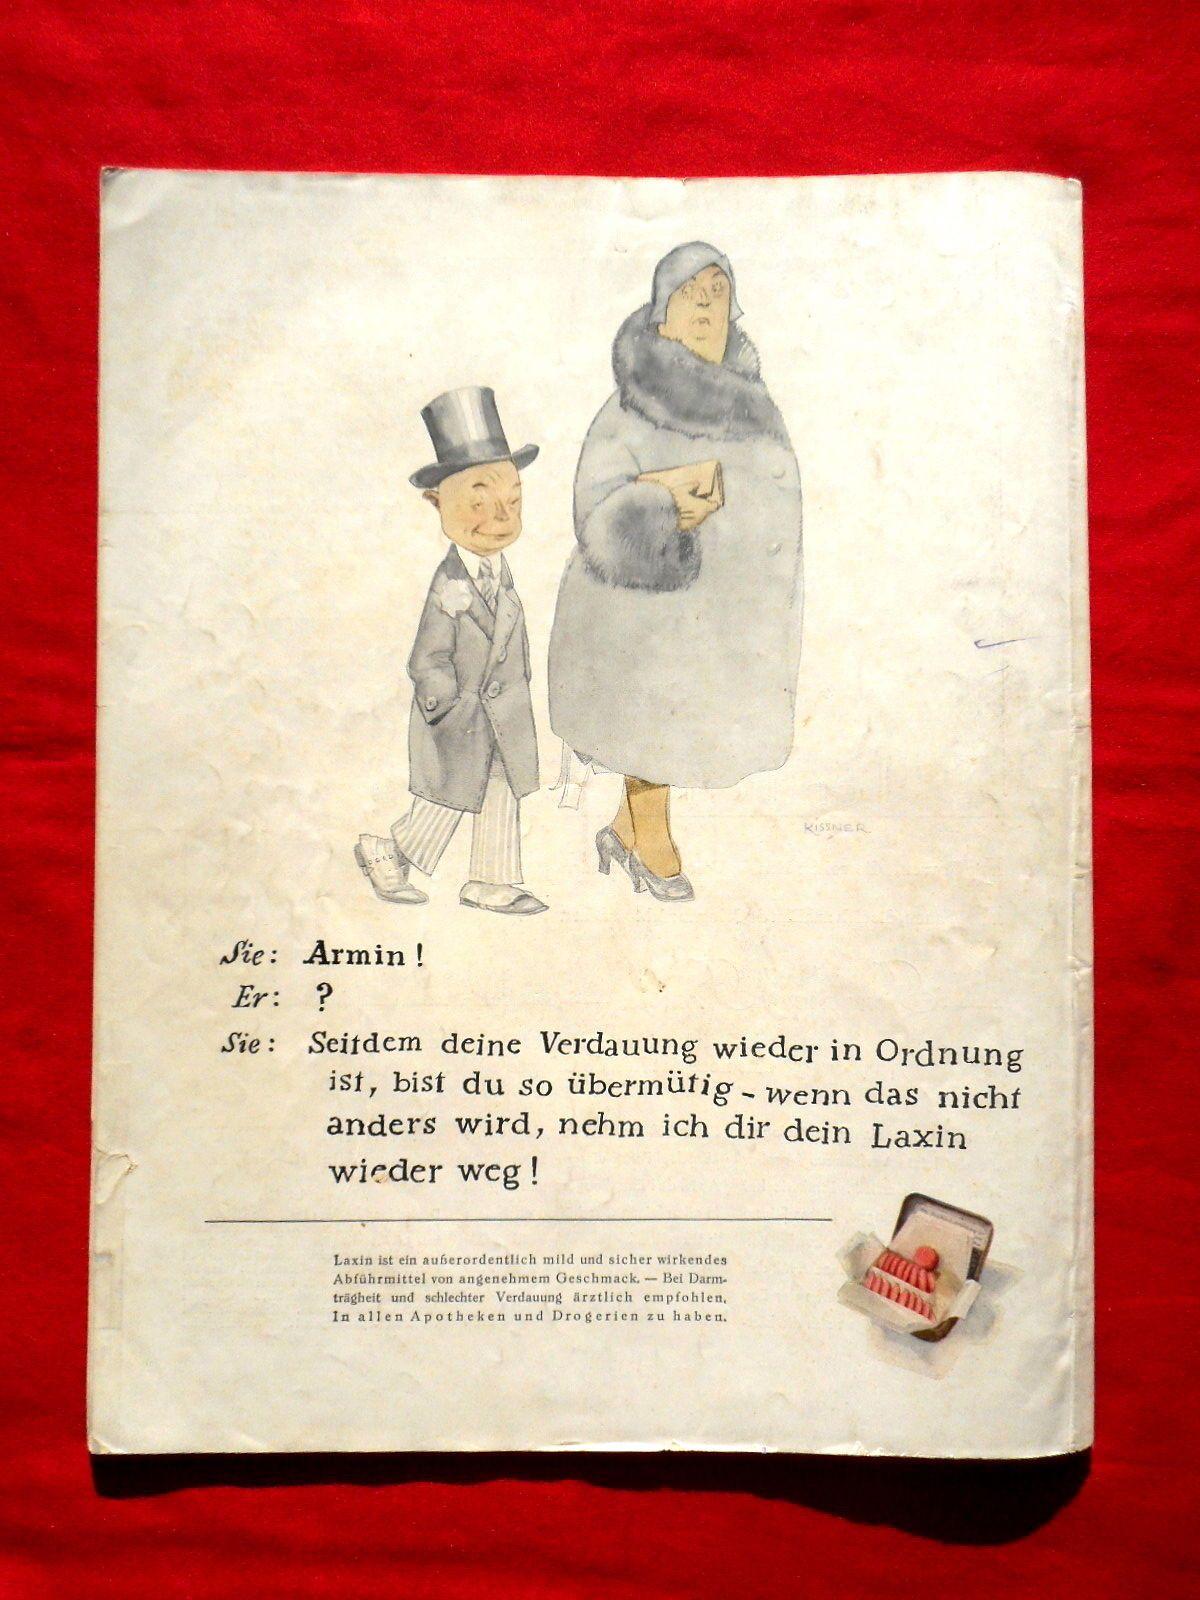 Die Dame, Zeitschrift von 1930 Nummer 8, Cover von Prof. Essenther, Wintersport in Antiquitäten & Kunst, Antiquarische Bücher, Zeitschriften, 1919-1945 | eBay